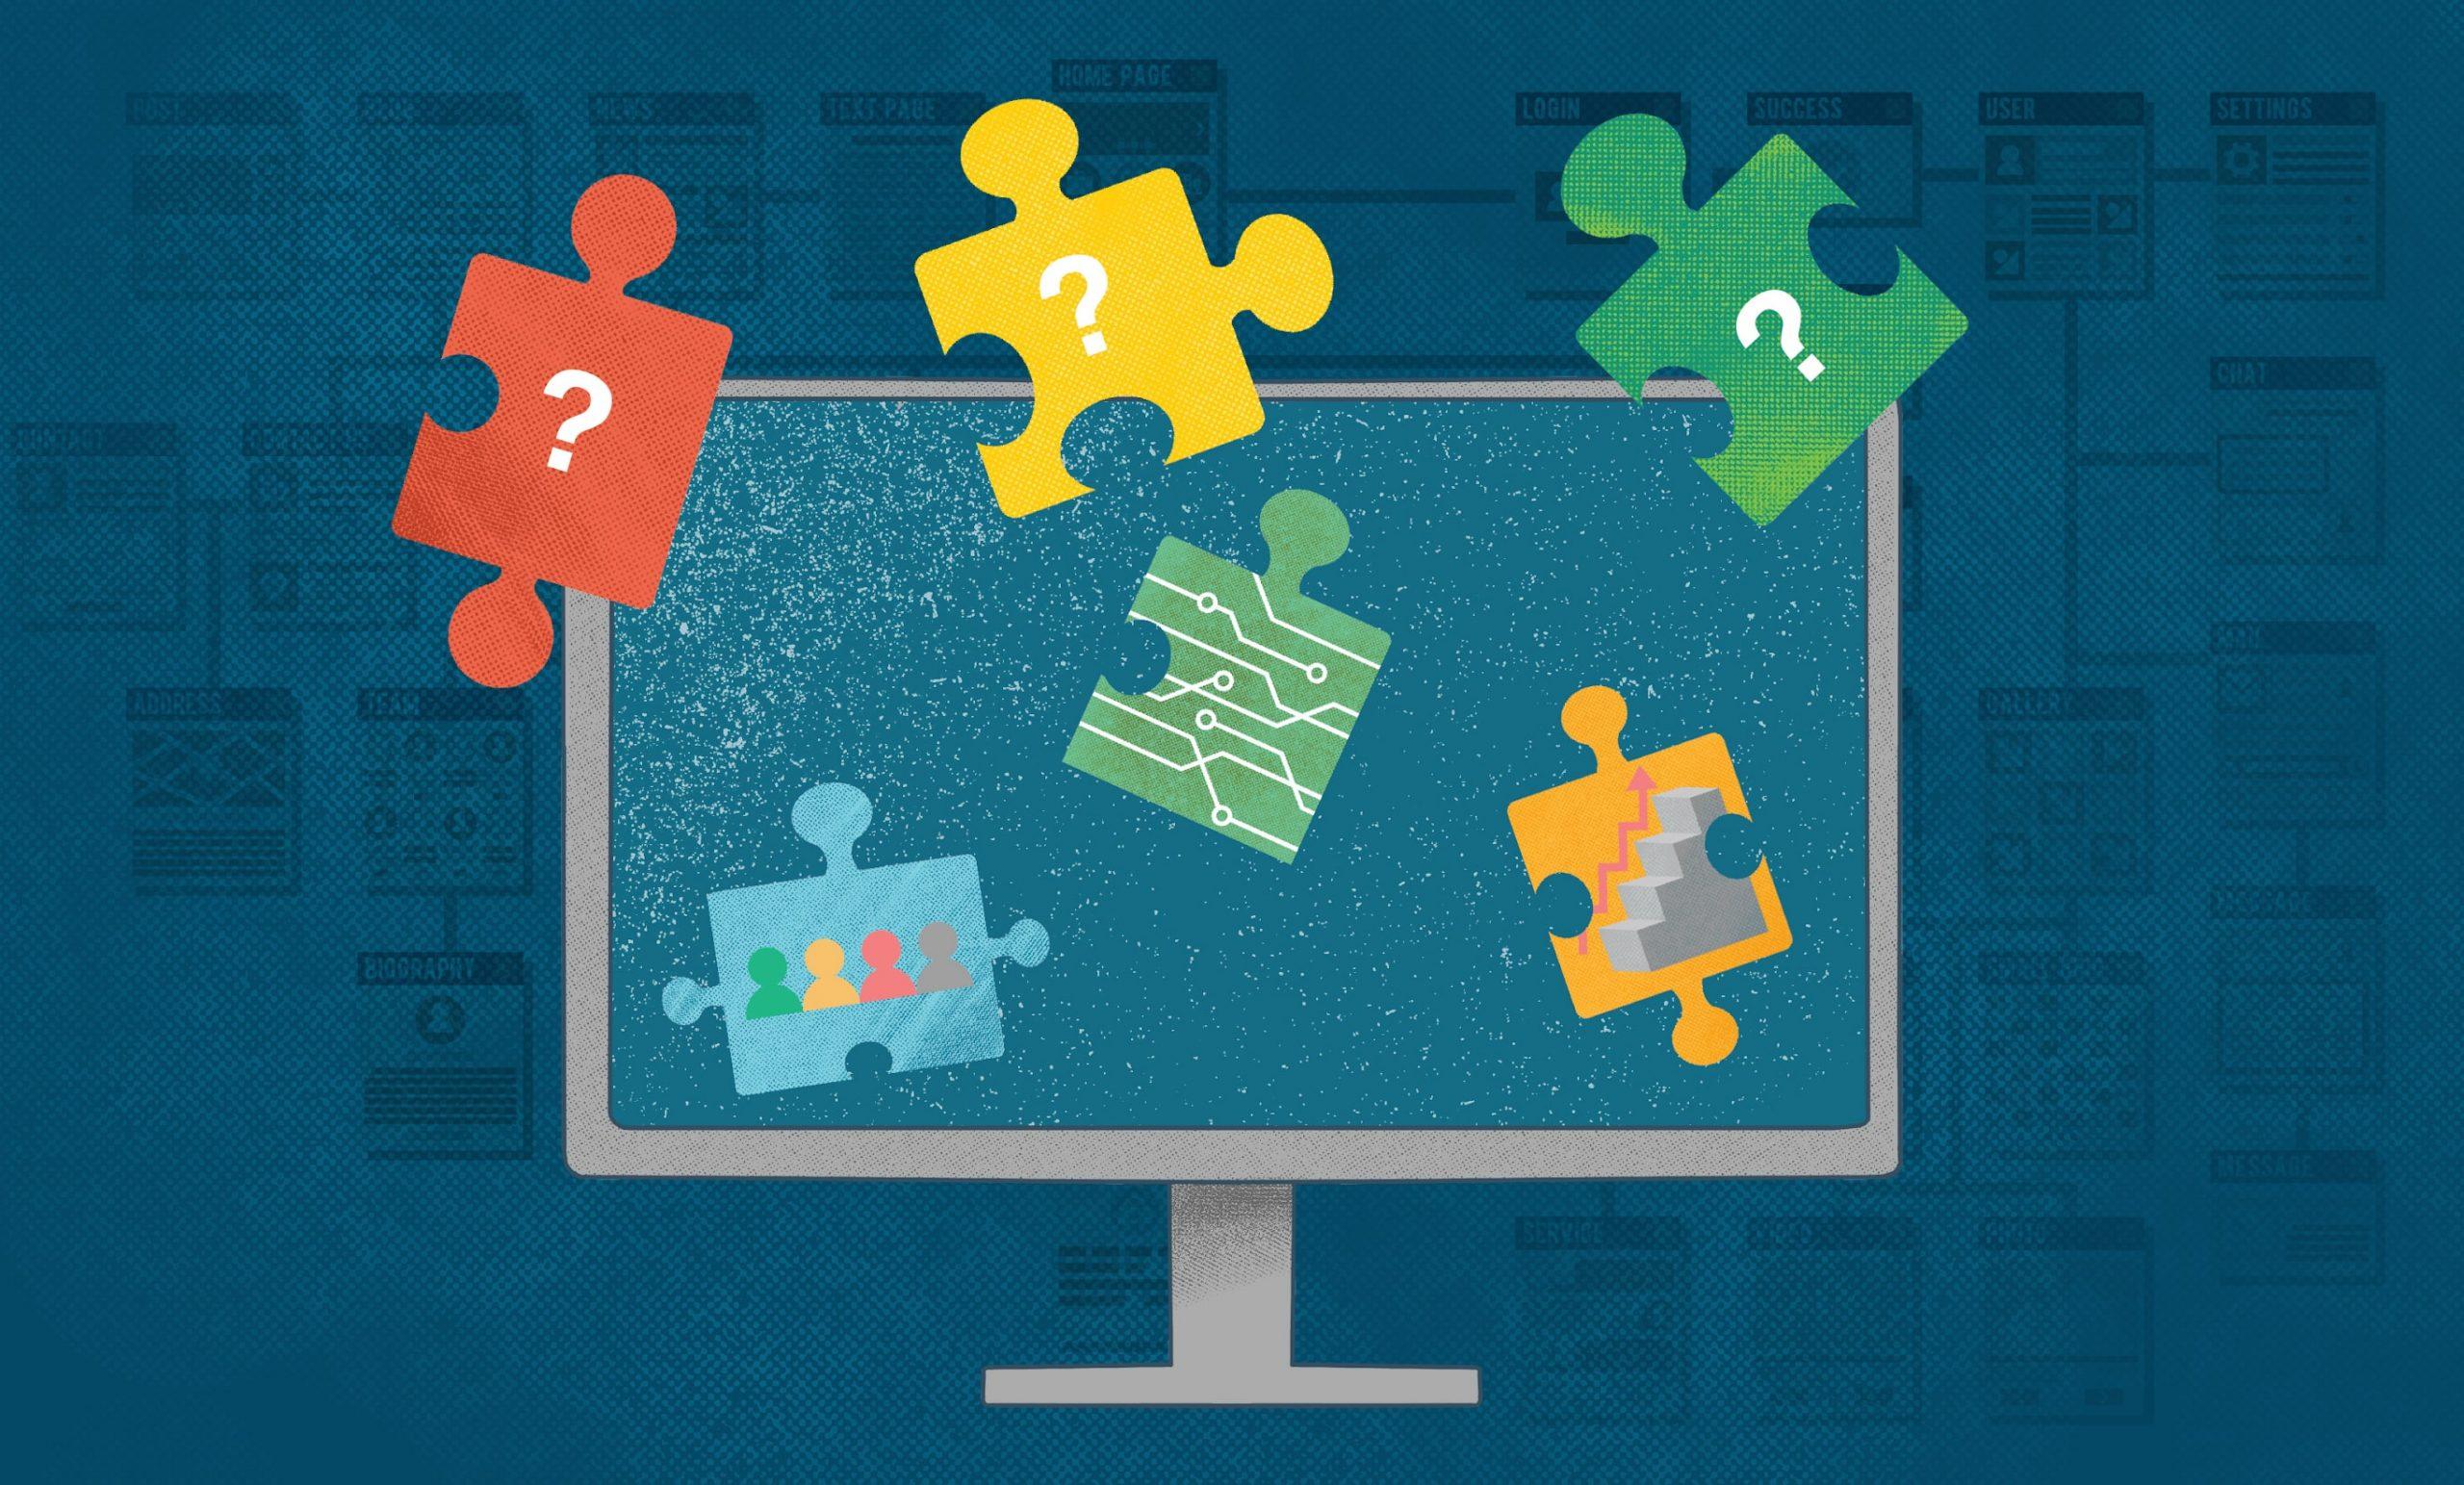 Agency là gì? 5 Tiêu chí để doanh nghiệp chọn thuê Agency marketingreview.vn 7